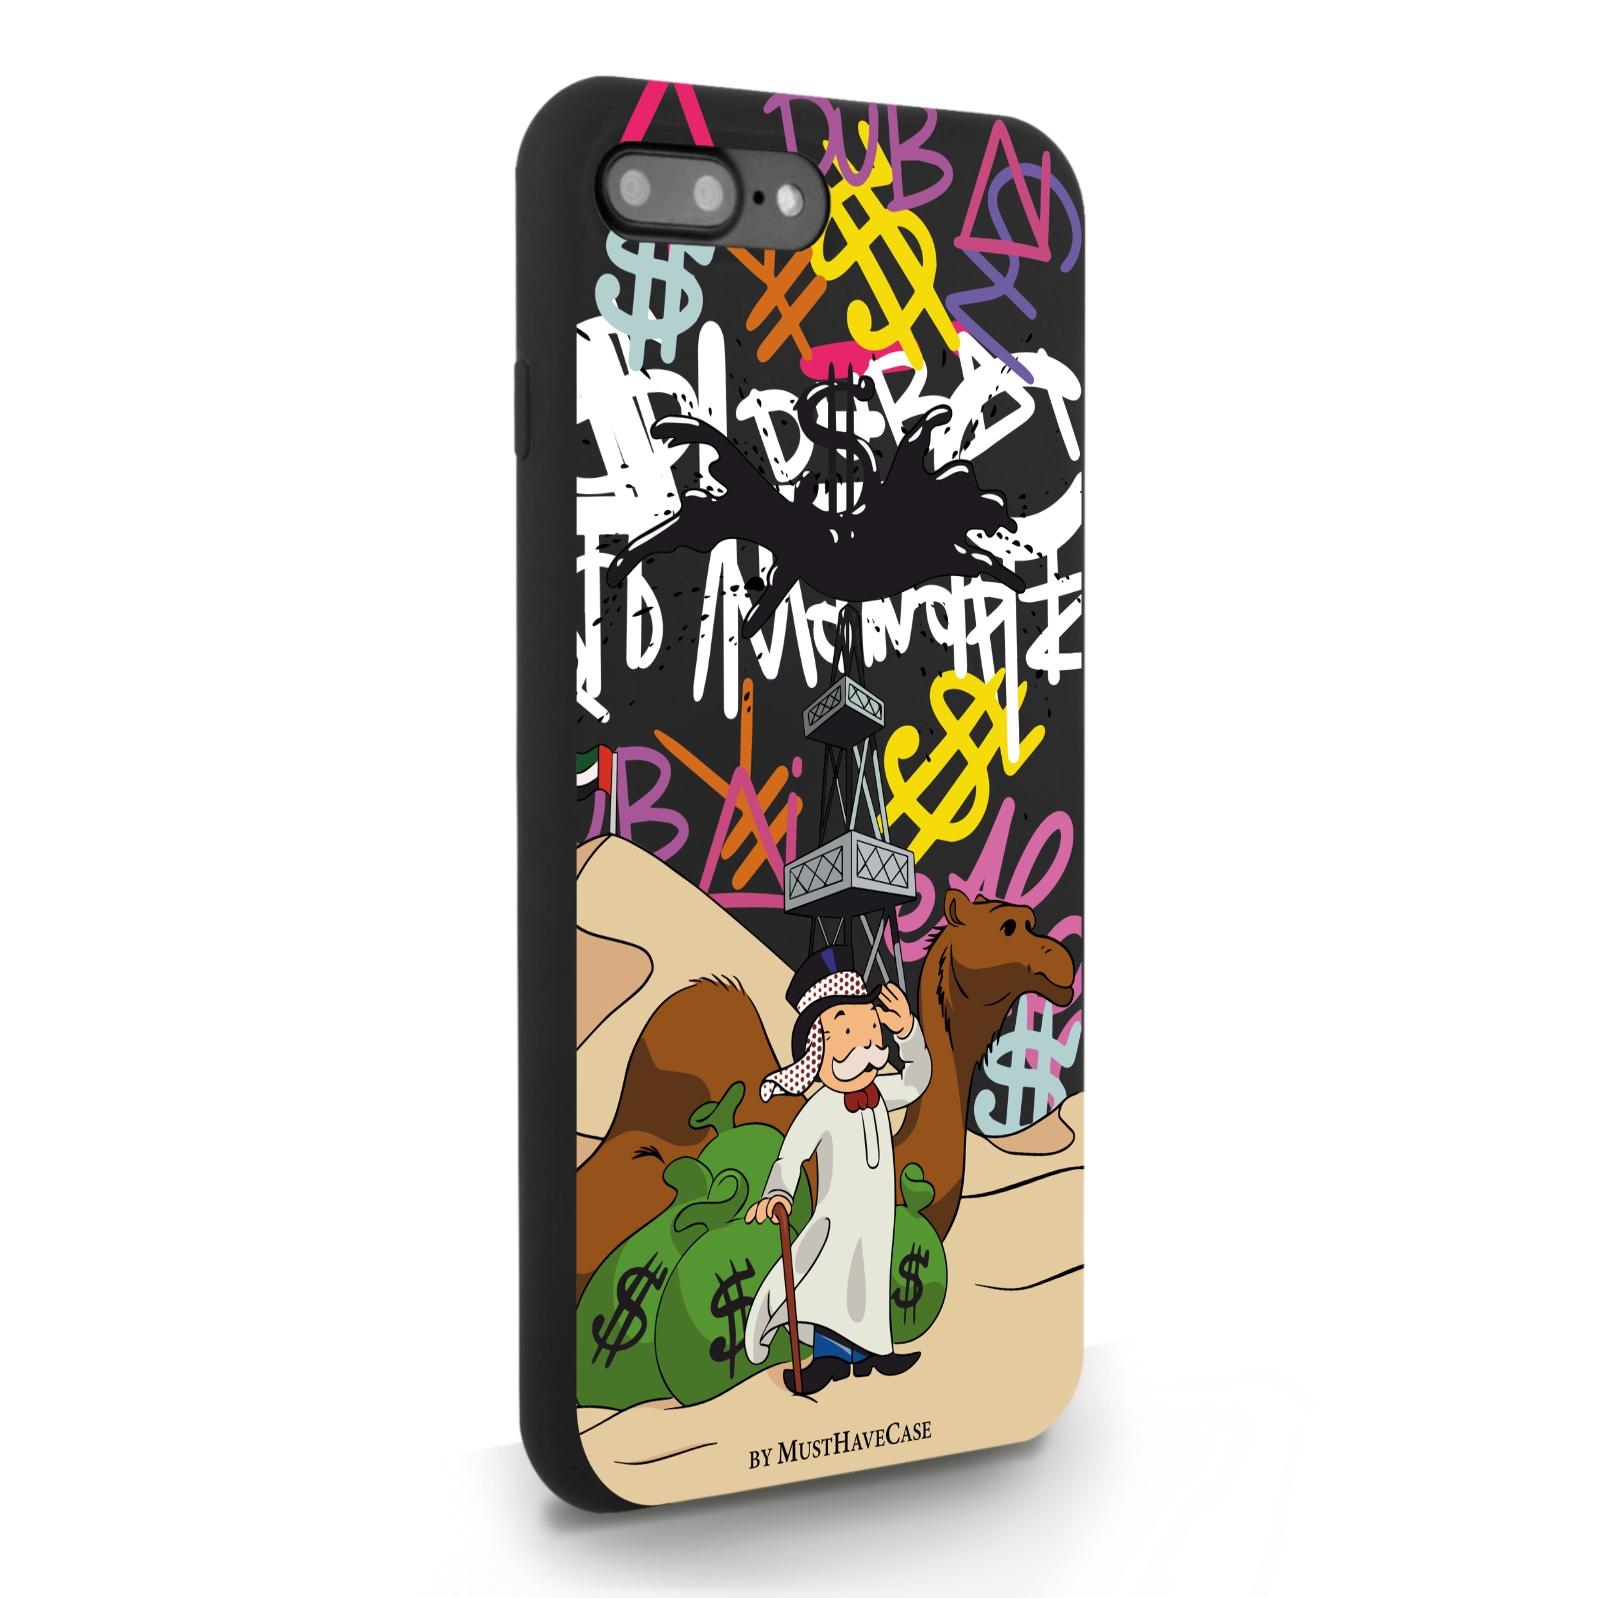 Черный силиконовый чехол для iPhone 7/8 Plus Monopoly Dubai/ Дубай для Айфон 7/8 Плюс